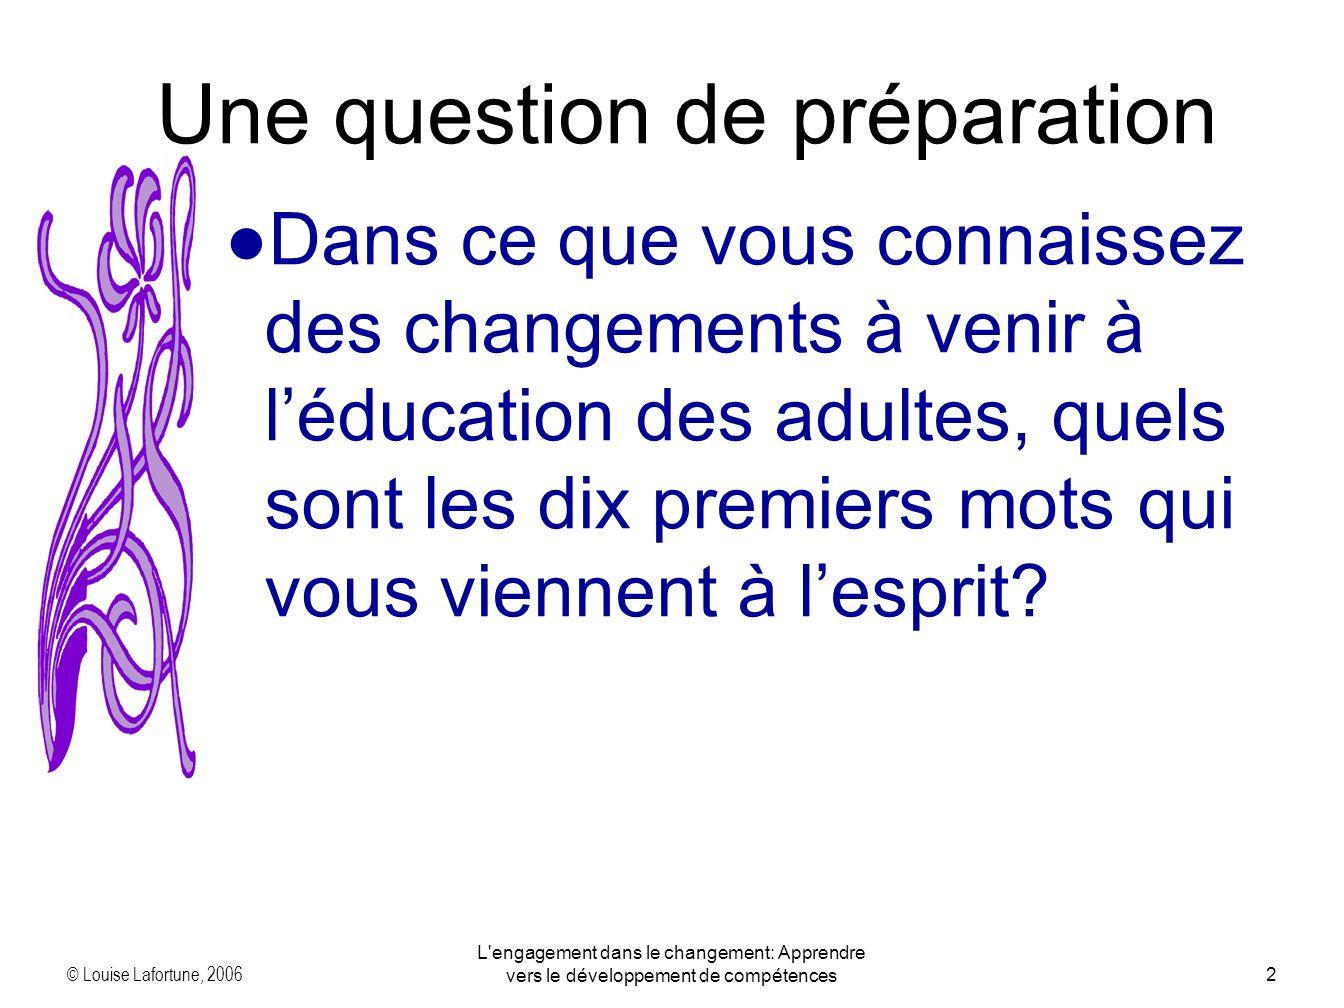 © Louise Lafortune, 2006 L engagement dans le changement: Apprendre vers le développement de compétences2 Une question de préparation Dans ce que vous connaissez des changements à venir à léducation des adultes, quels sont les dix premiers mots qui vous viennent à lesprit?